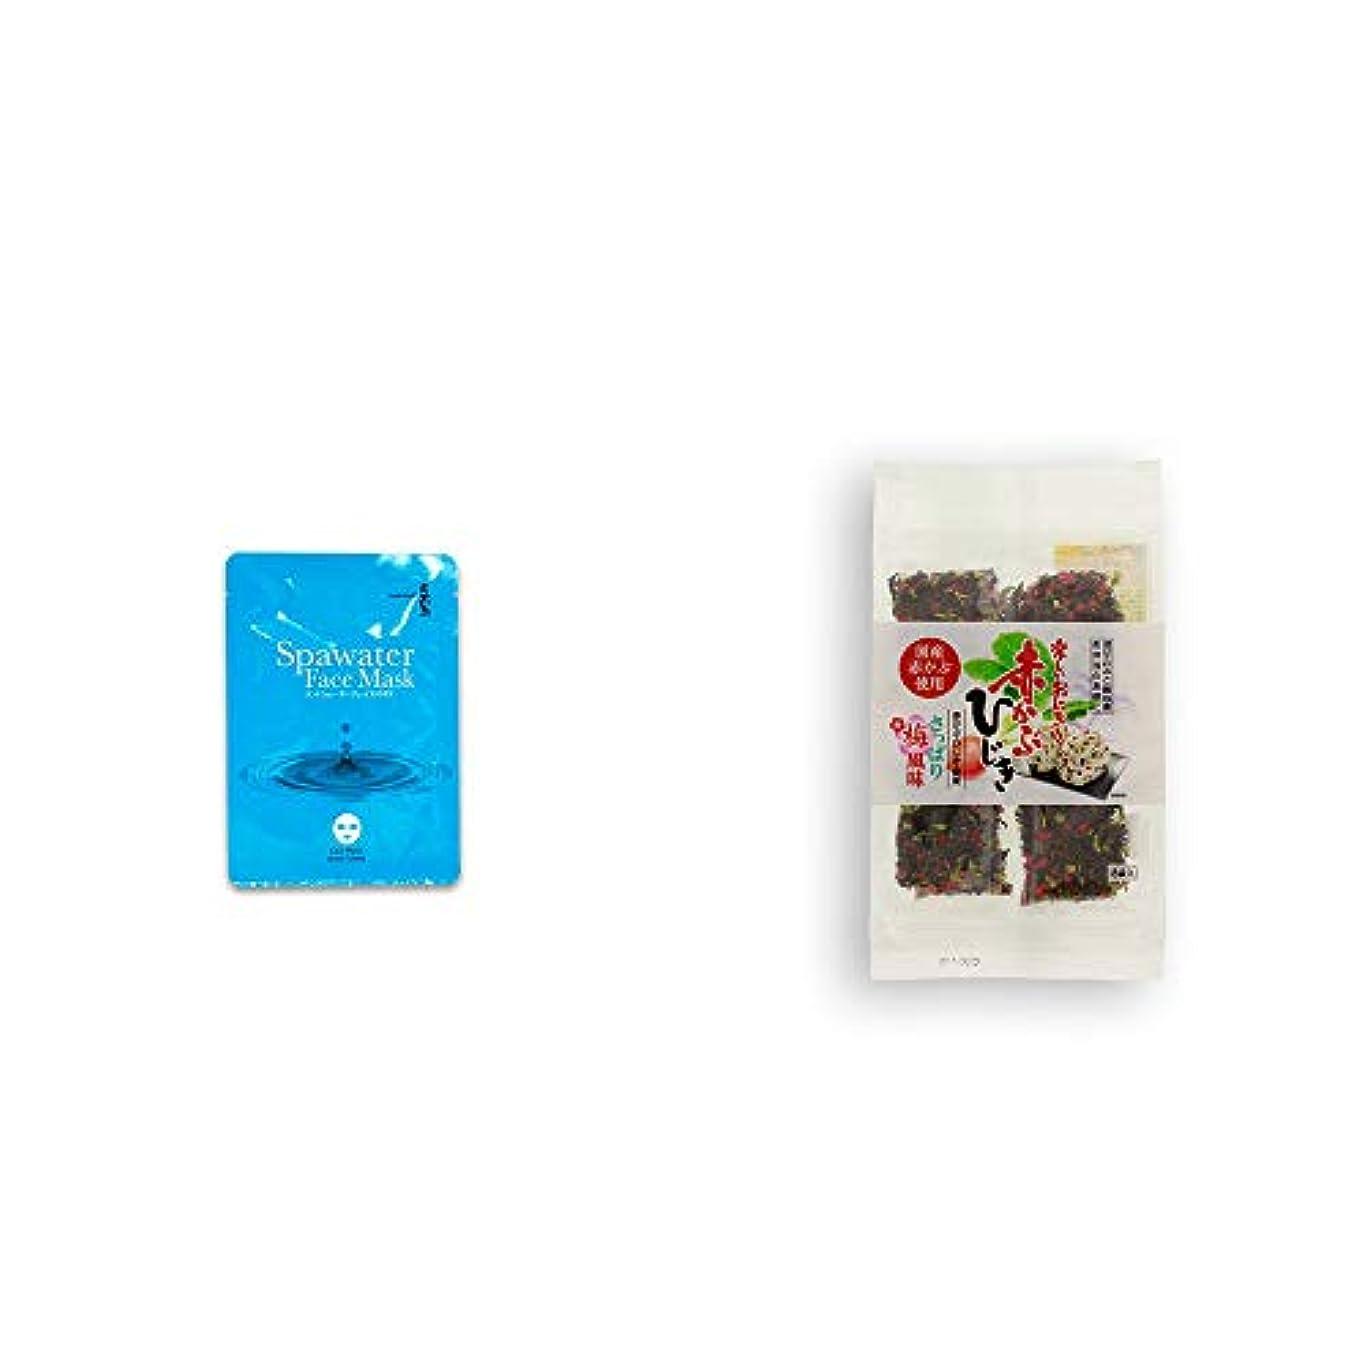 磁気パンサー異常[2点セット] ひのき炭黒泉 スパウォーターフェイスマスク(18ml×3枚入)・楽しいおにぎり 赤かぶひじき(8g×8袋)